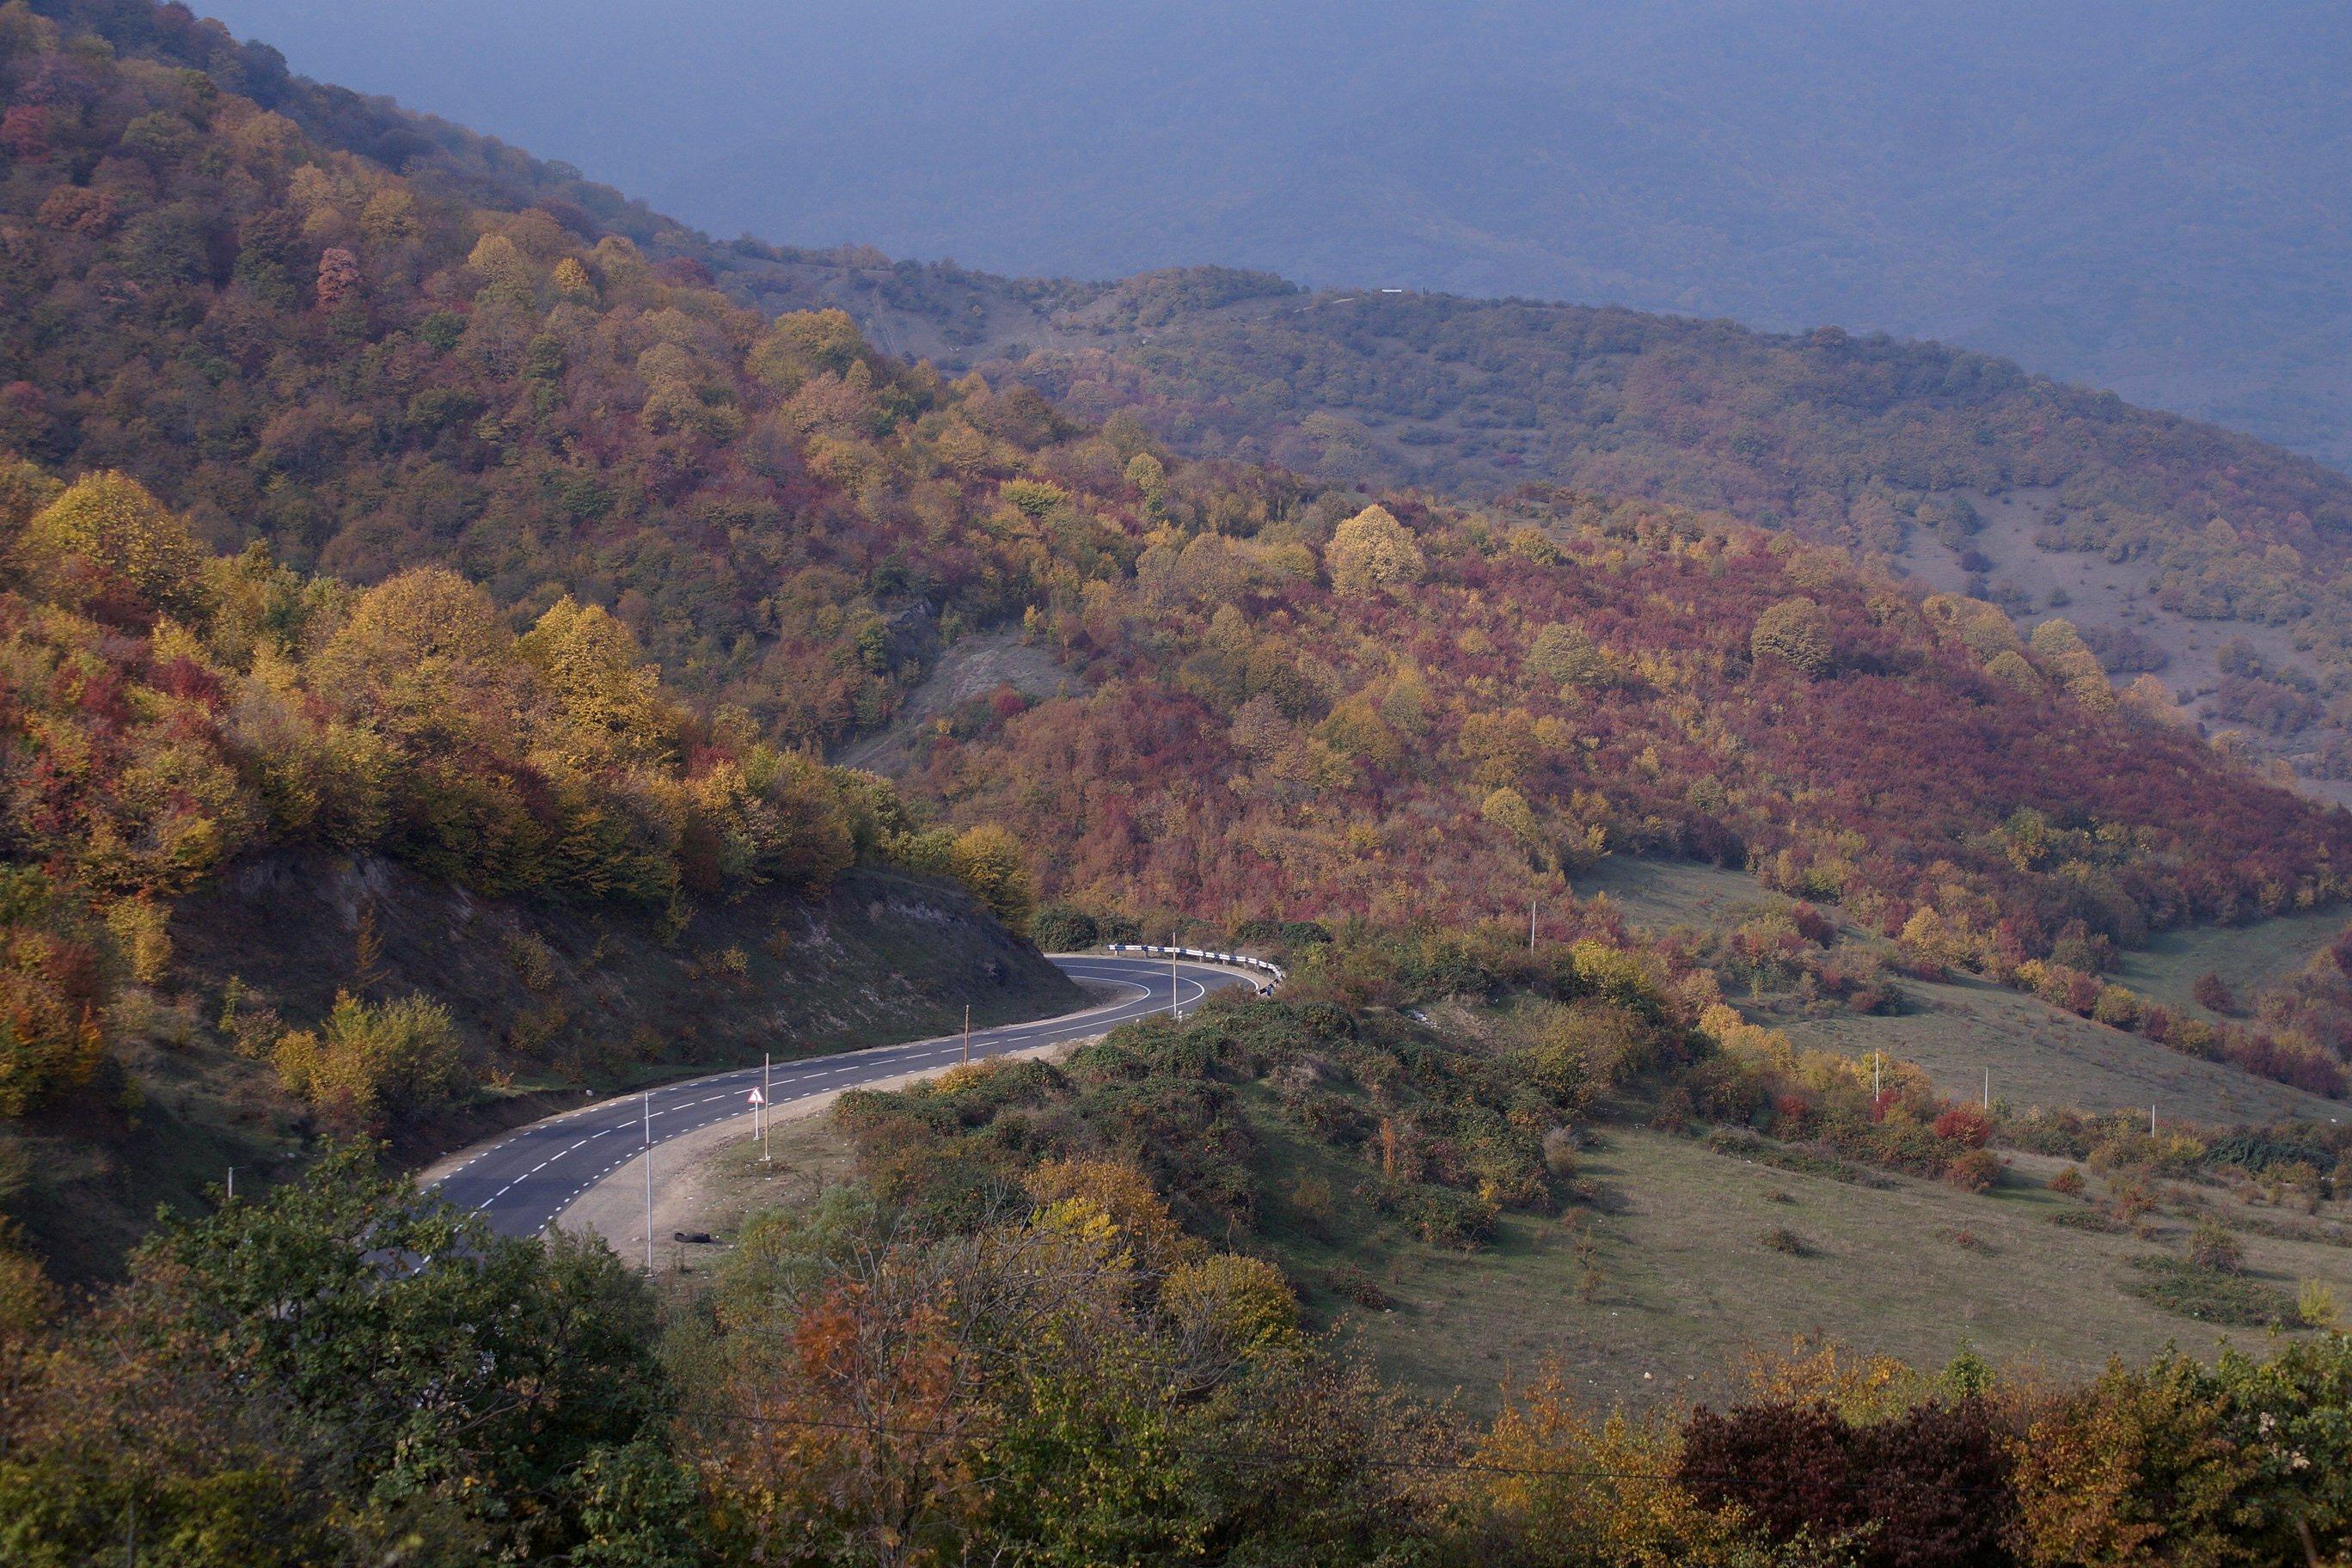 Осень на дорогах Армении (Заметки из солнечного отпуска. День 1, подготовительно-дорожный)